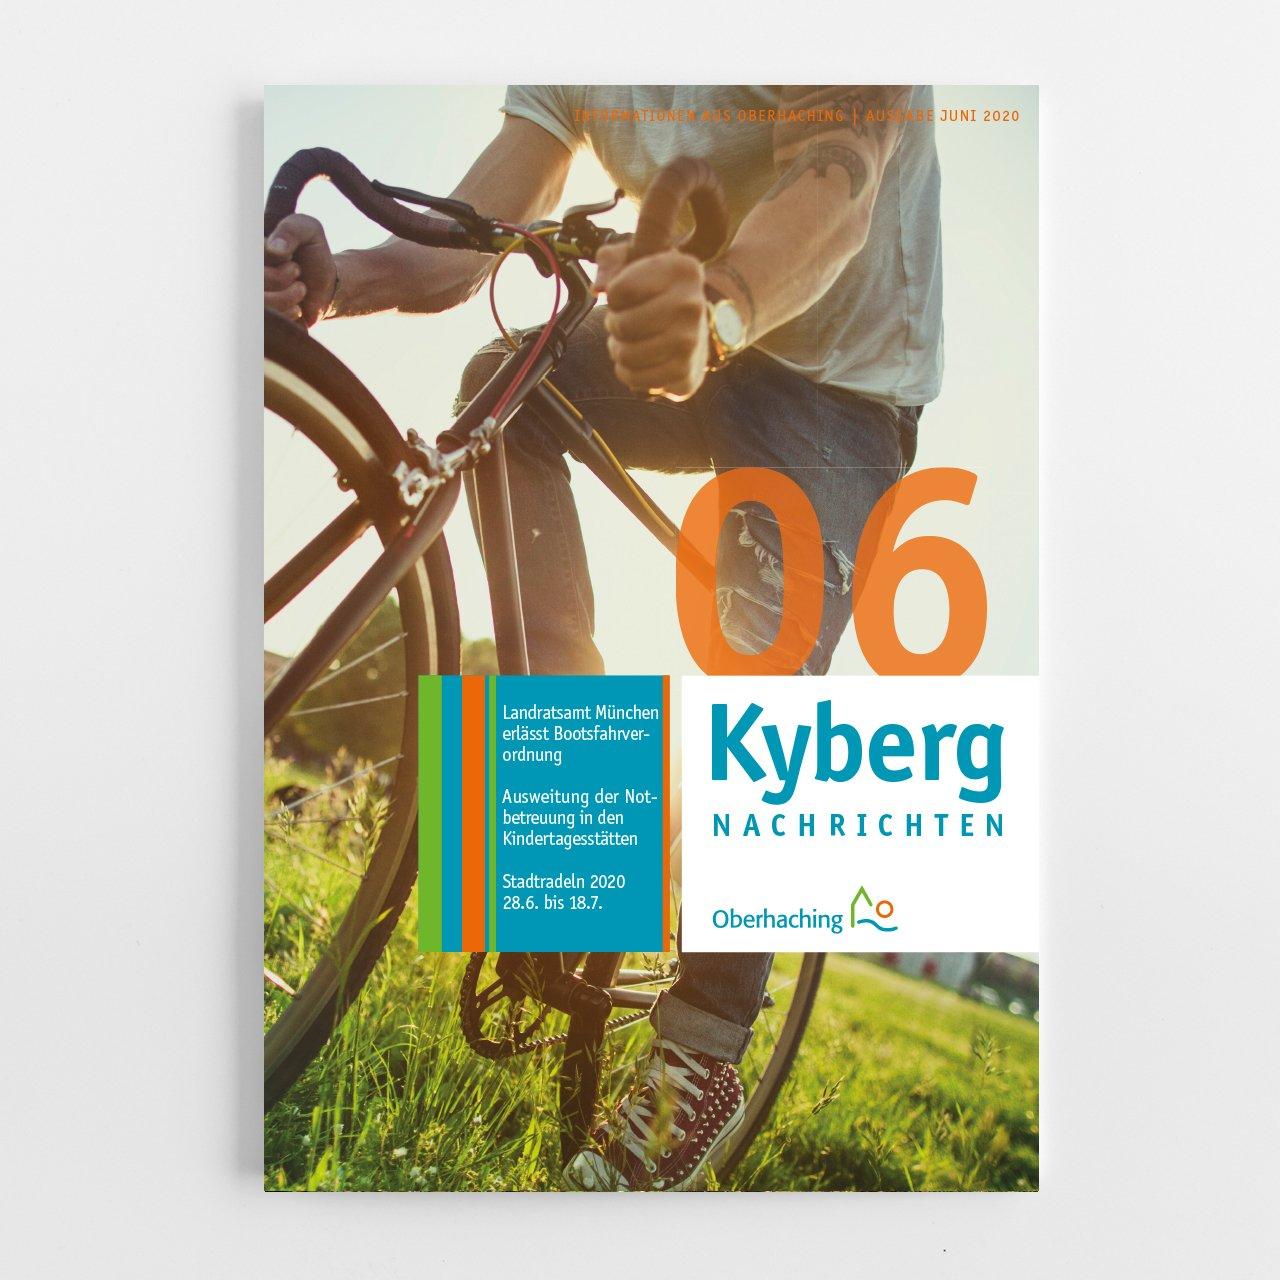 Kybergnachrichten_06/20